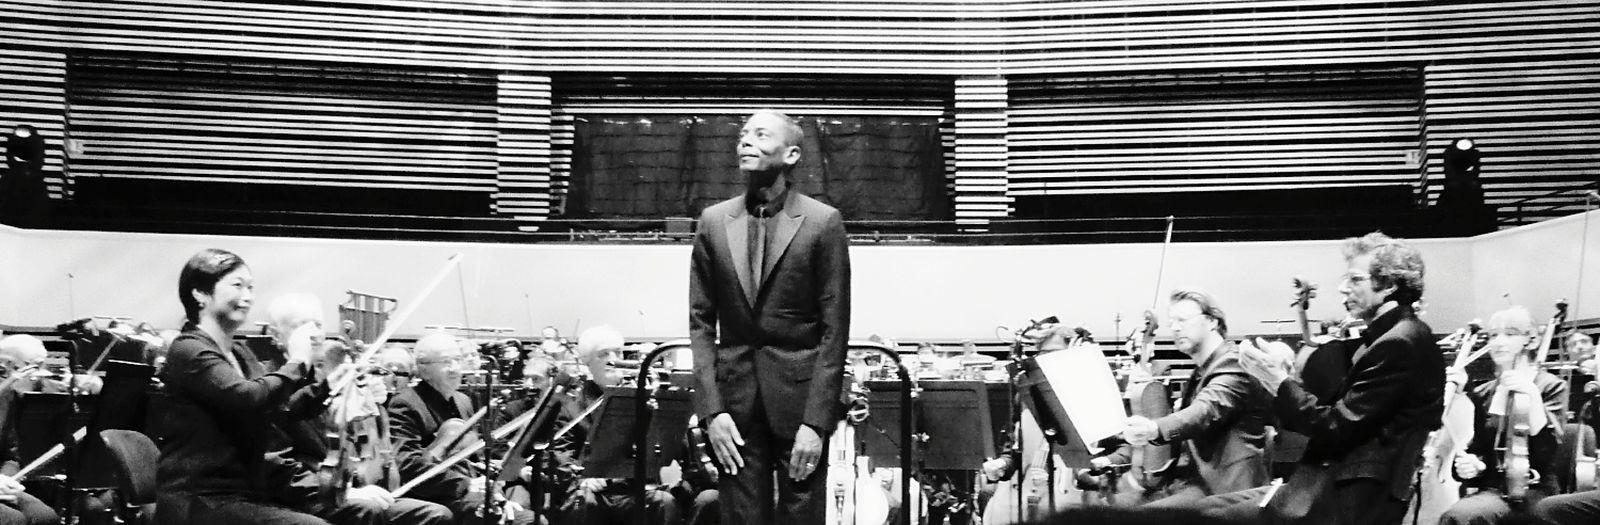 Orchestre Blackandwhite Jeff Mills Lille Electrosymphonique